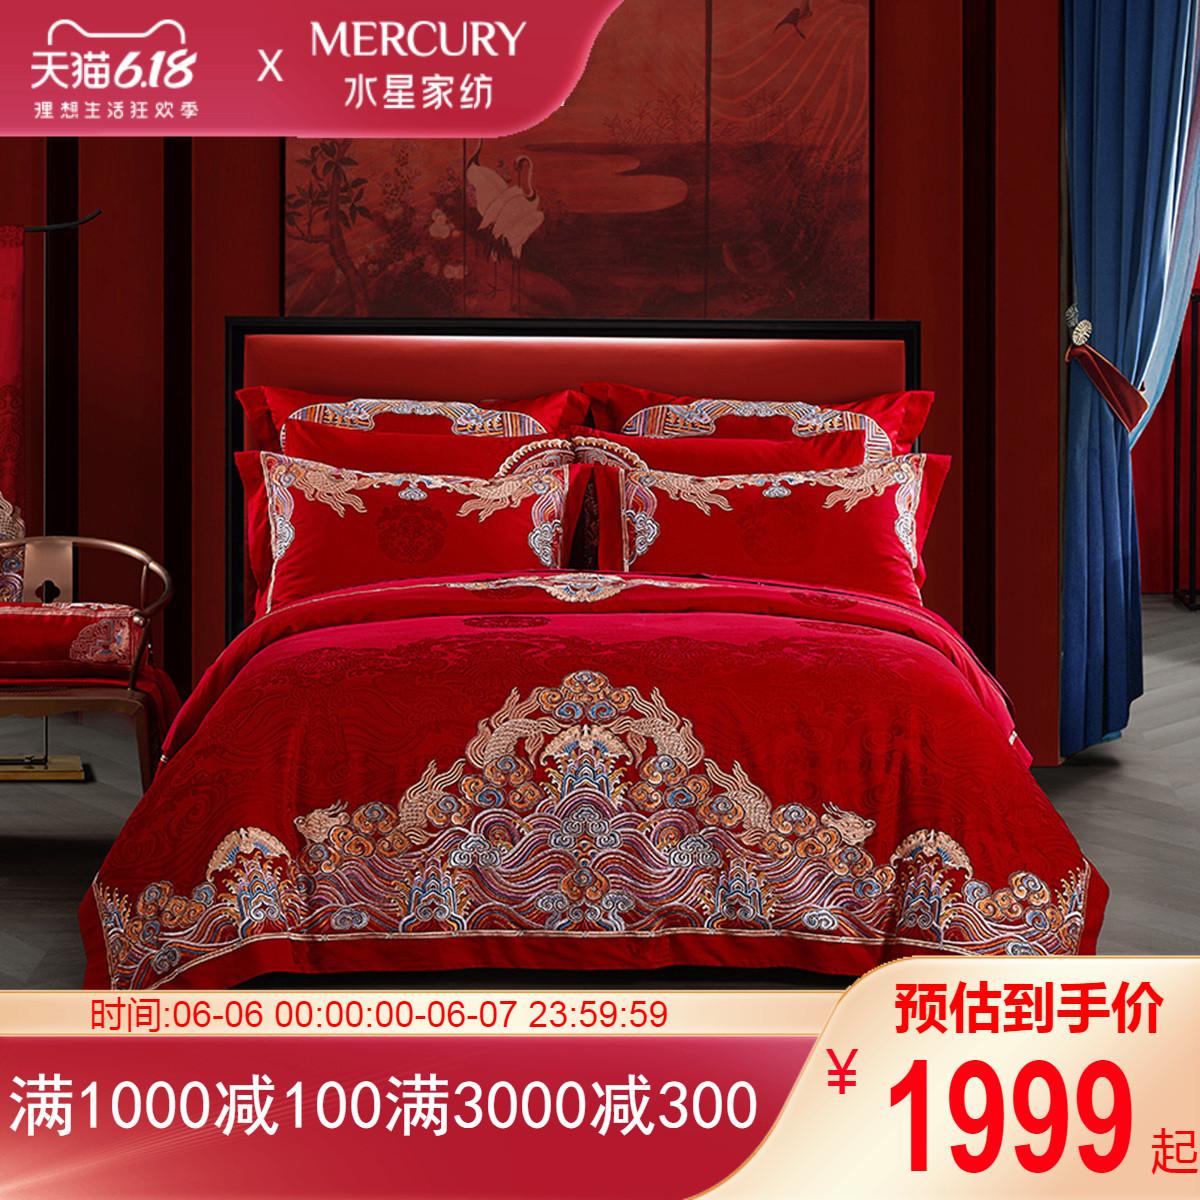 水星家纺婚庆大红色四件套天赐洪福床上用品刺绣花中式 专柜同款